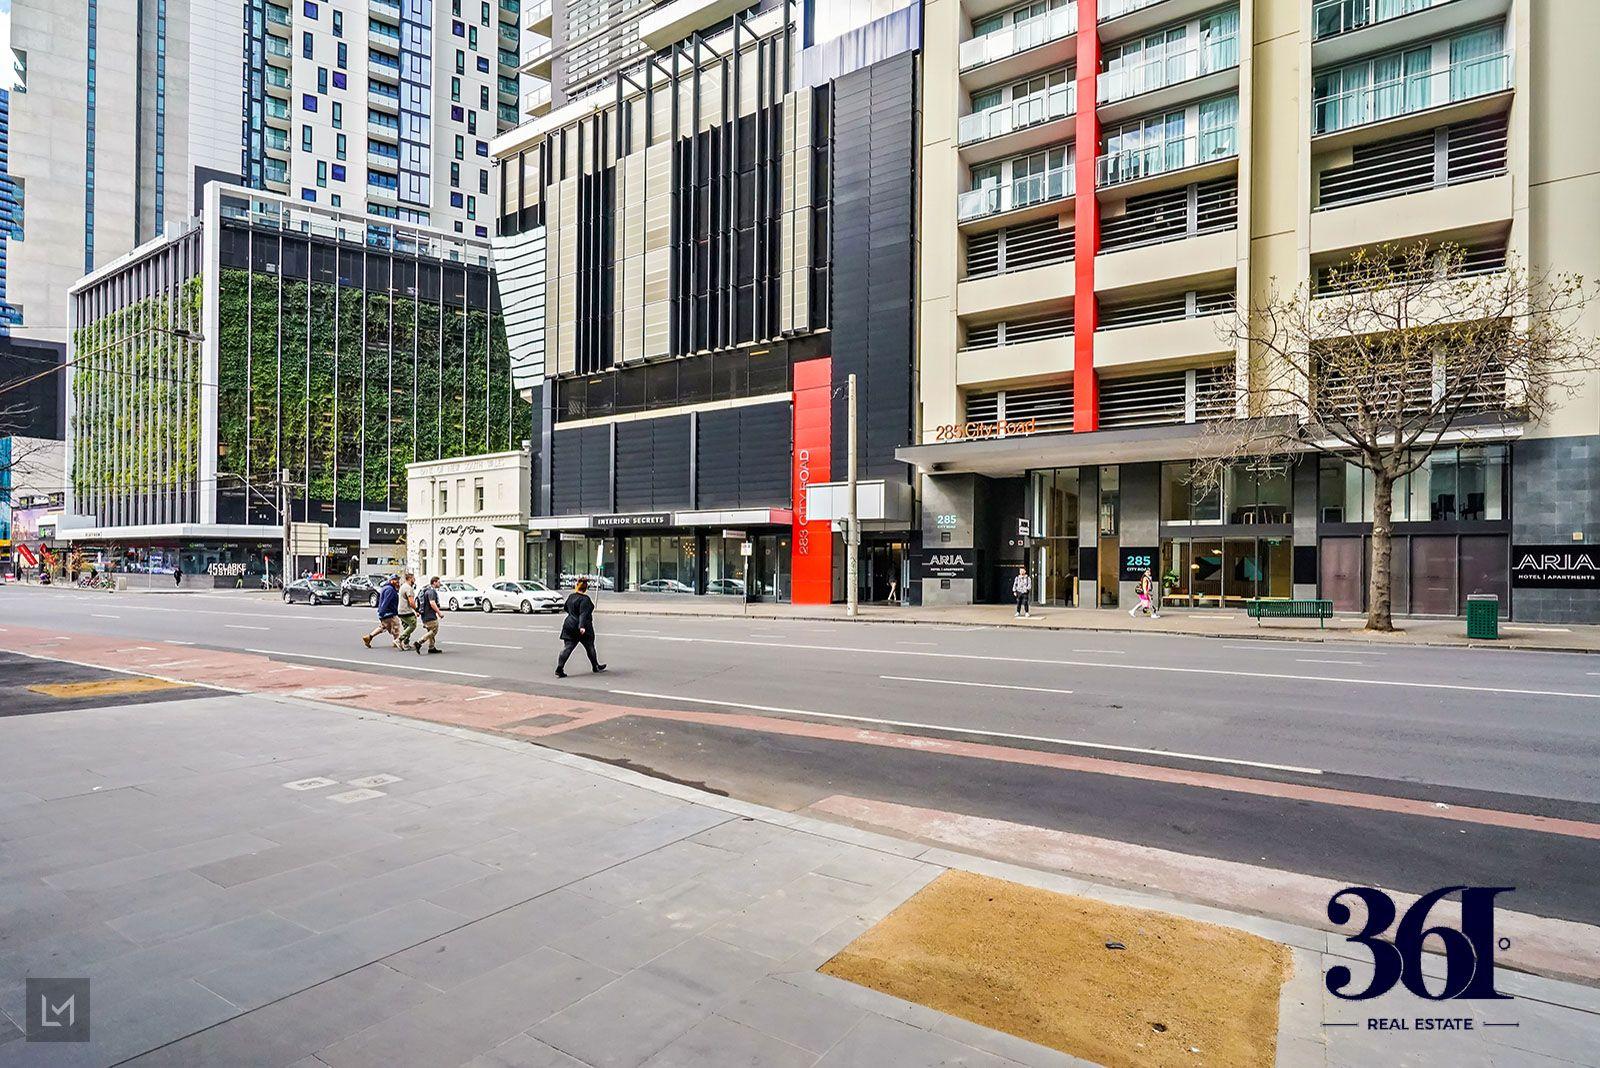 2904/283 CITY RD, Southbank VIC 3006, Image 2